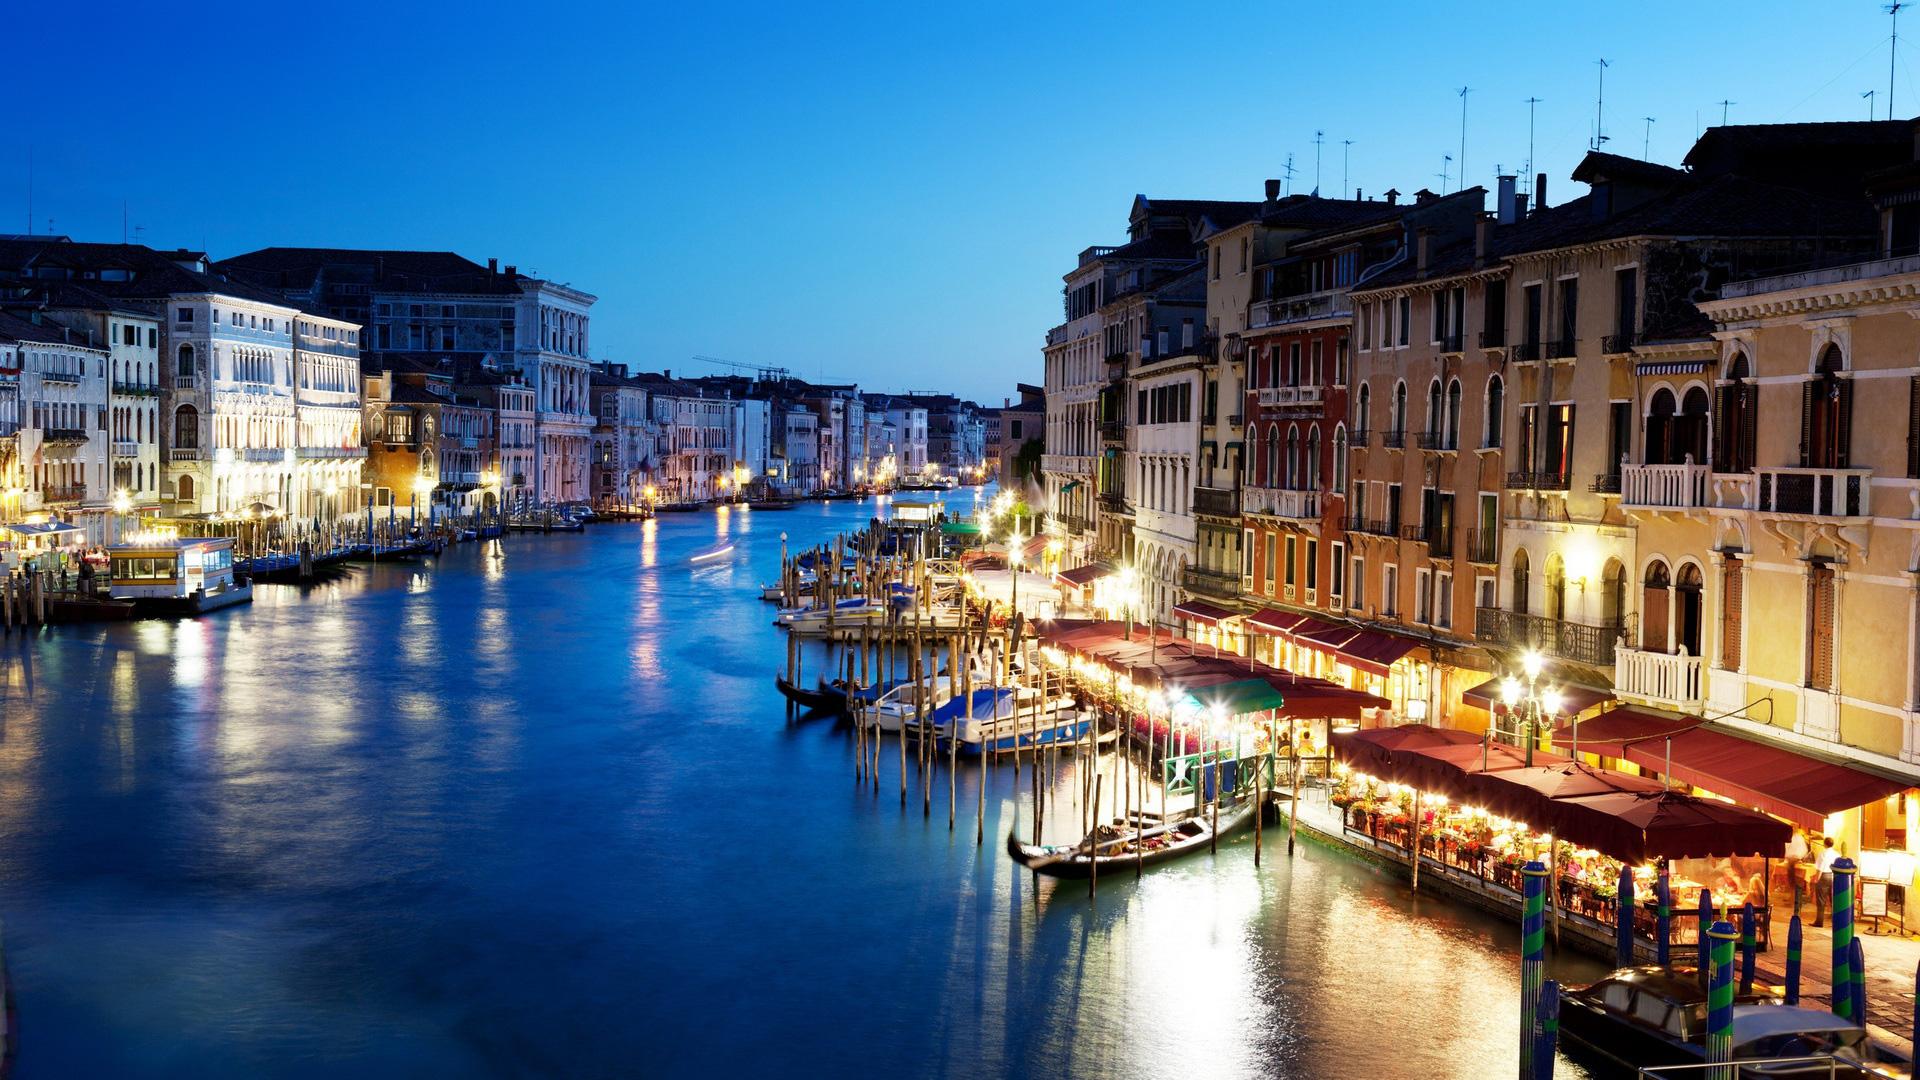 Ảnh Venice về đêm